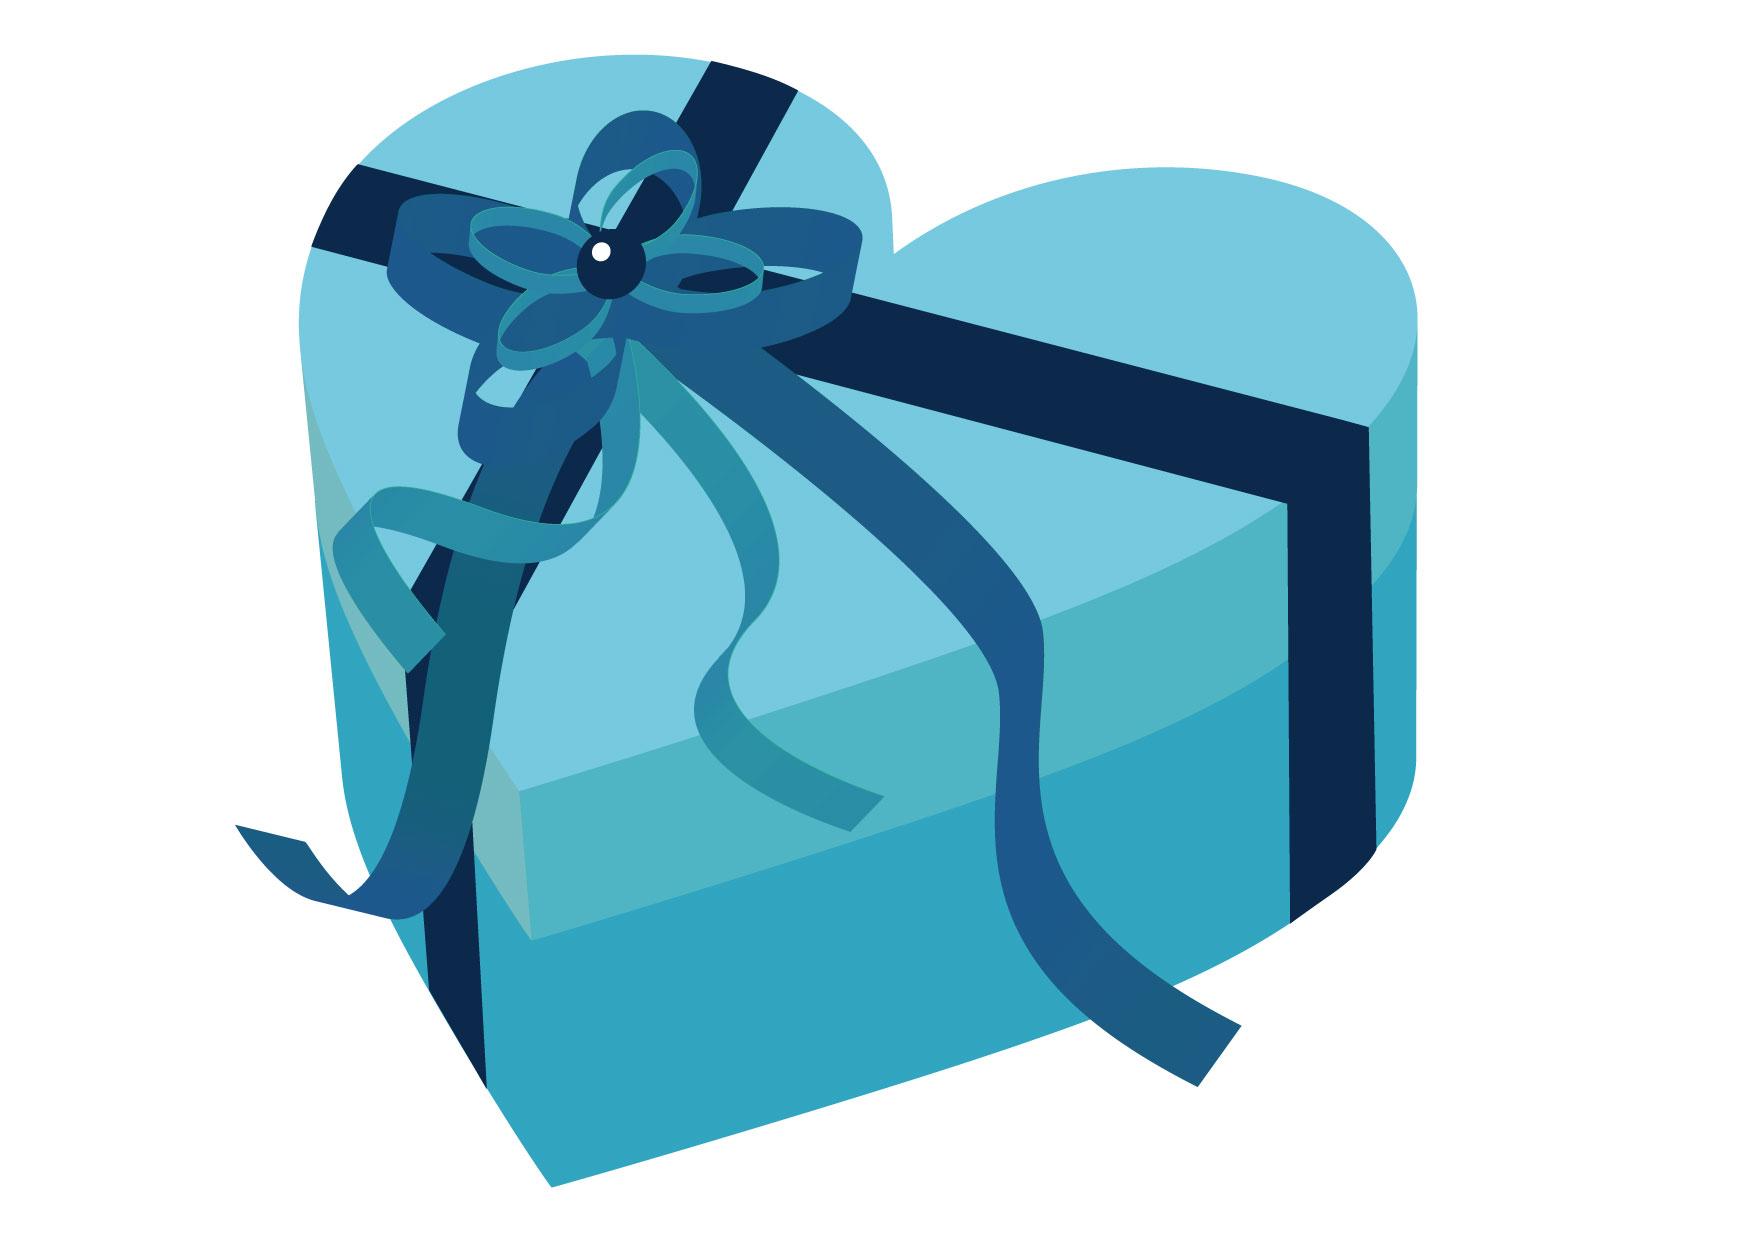 可愛いイラスト無料|バレンタイン ハート ブルー 箱 − free illustration Valentine Heart Blue Box